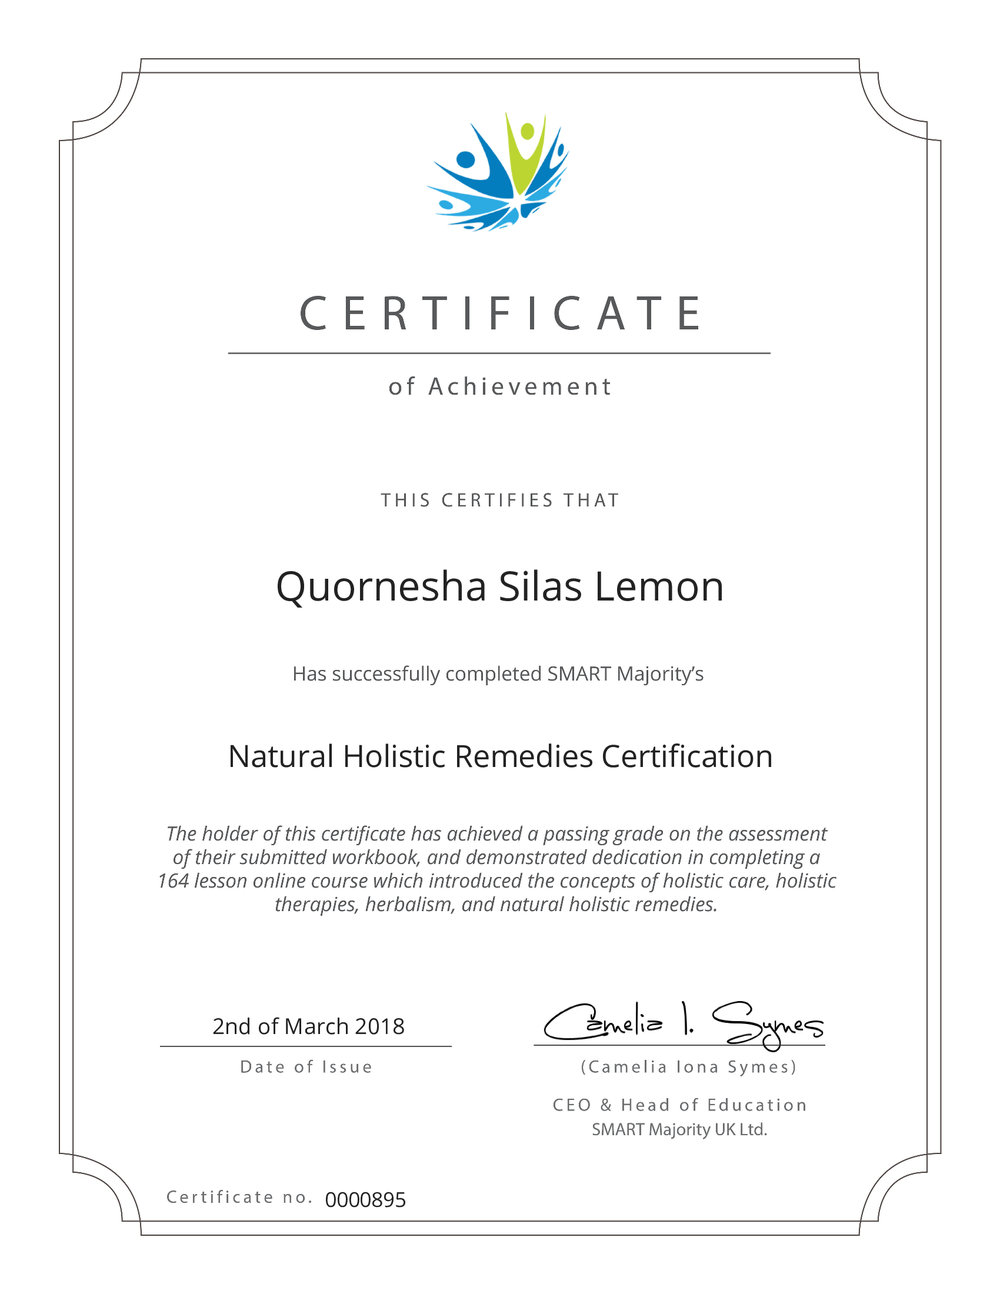 Quornesha Silas Lemon - NHR Certificate (2)_000.jpg